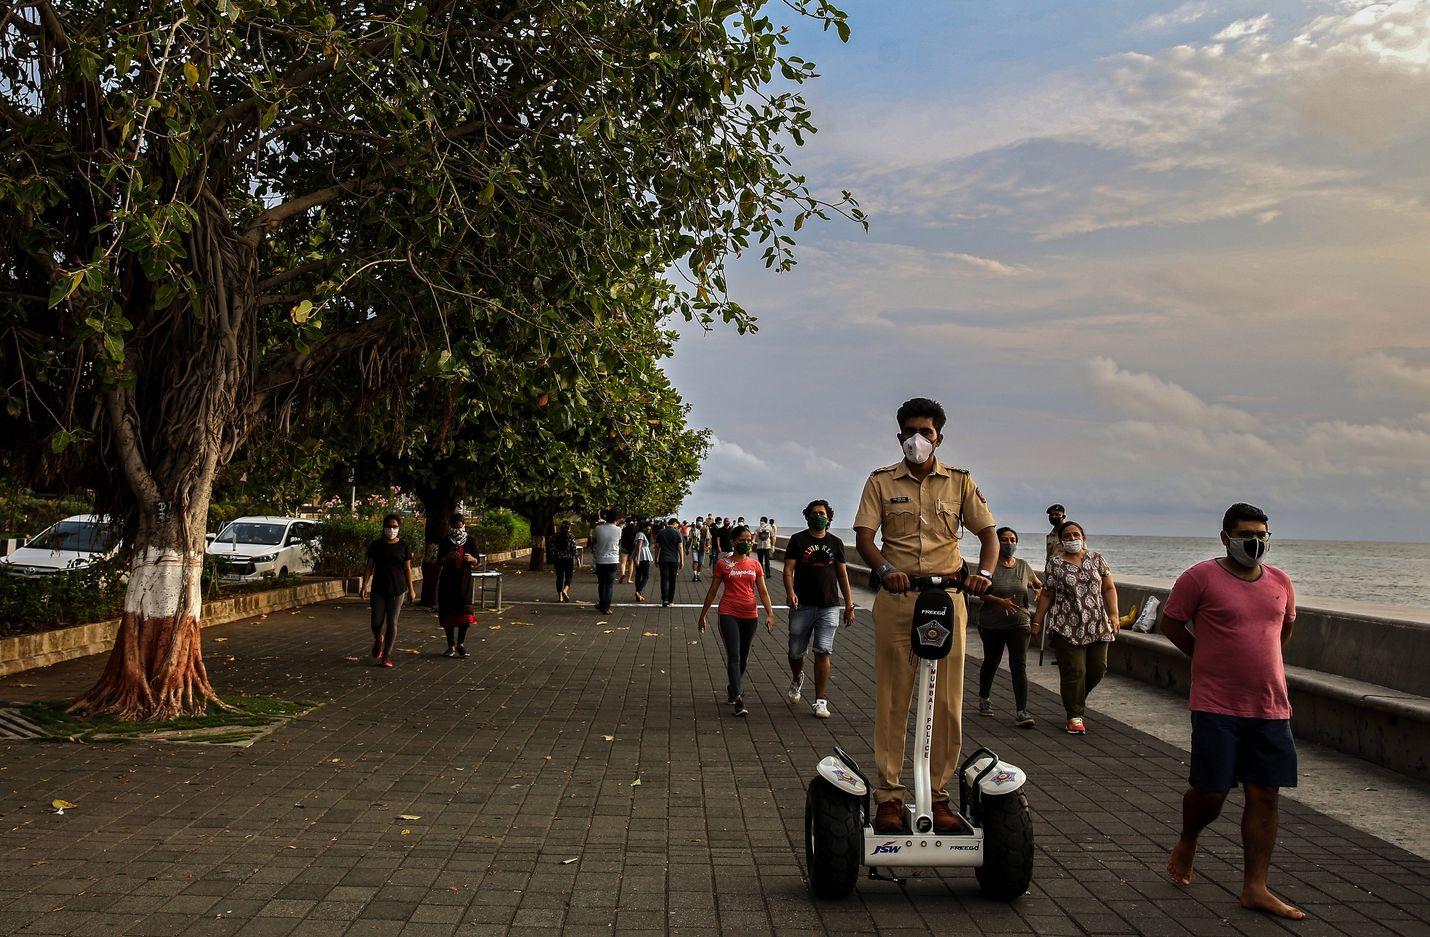 Intialainen poliisi partioi Segwaylla Mumbain kävelykadulla meren rannalla 12. kesäkuuta.